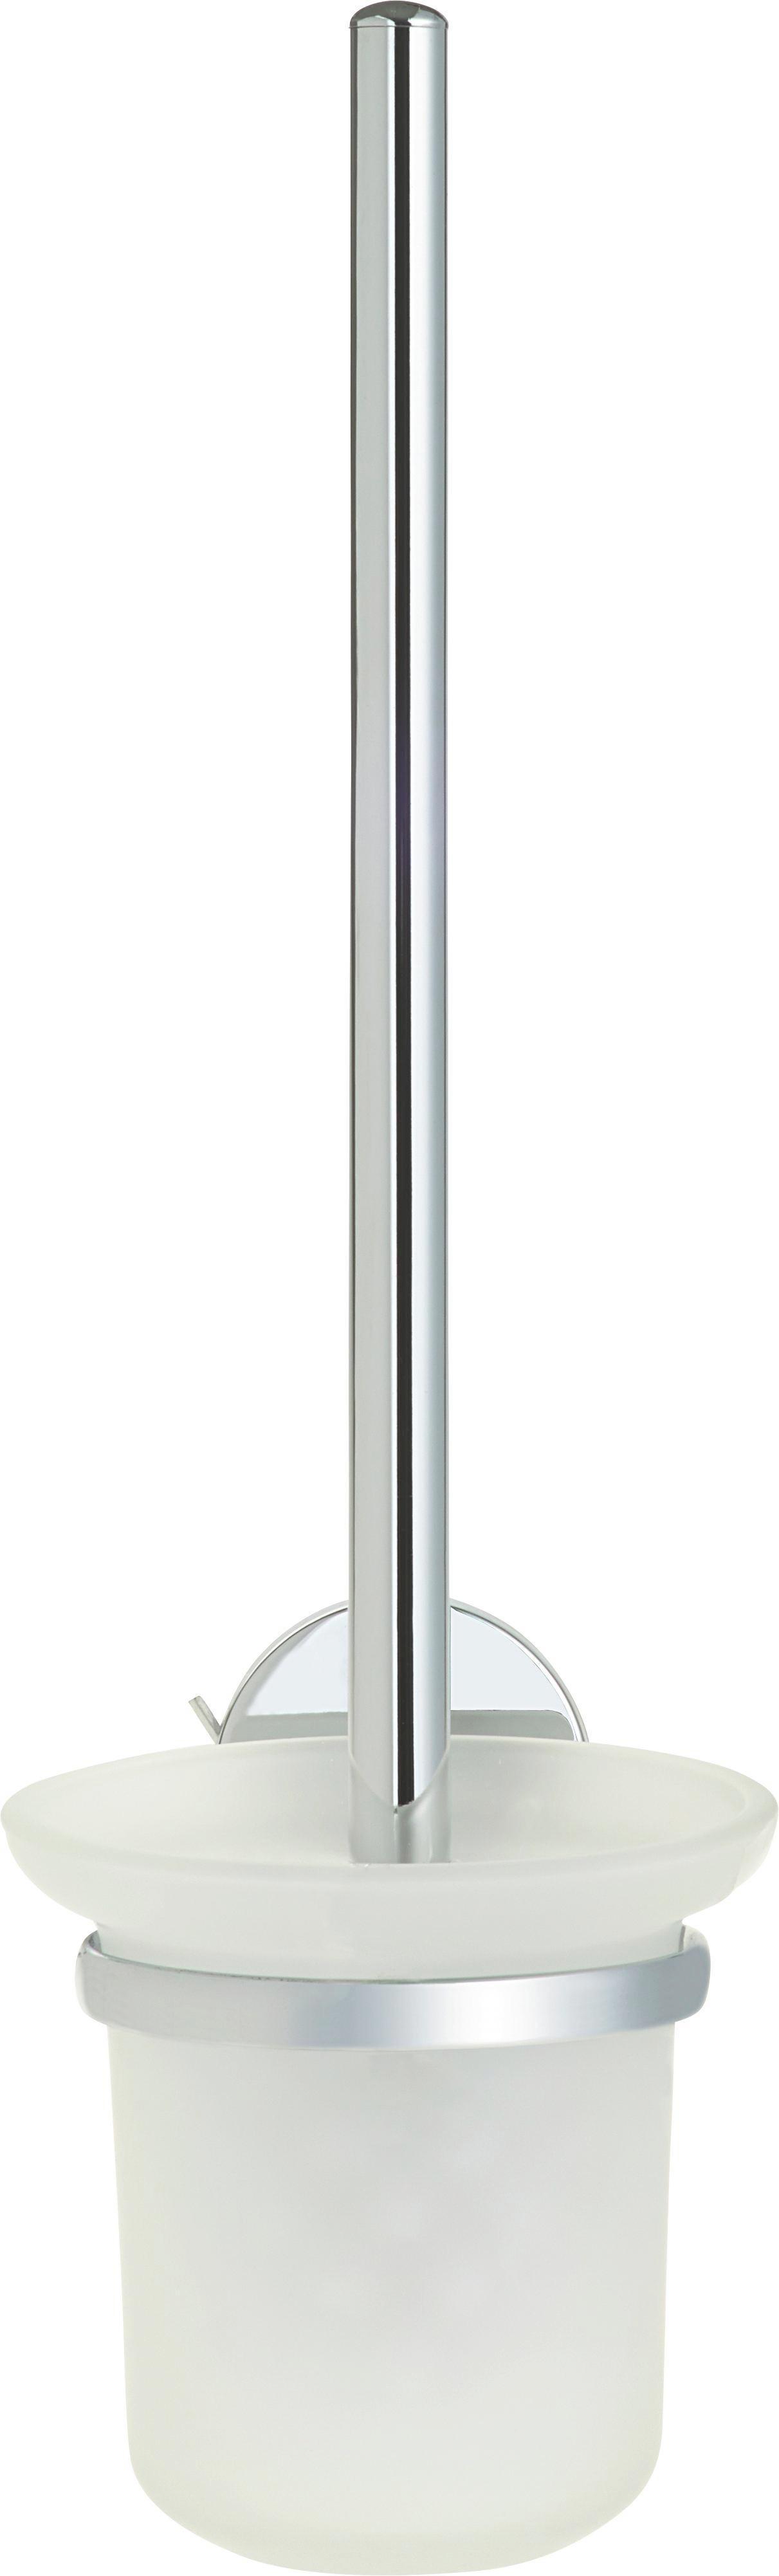 Wc-garnitura S Ščetko Vision - barve kroma, kovina/umetna masa (11/38/15cm)